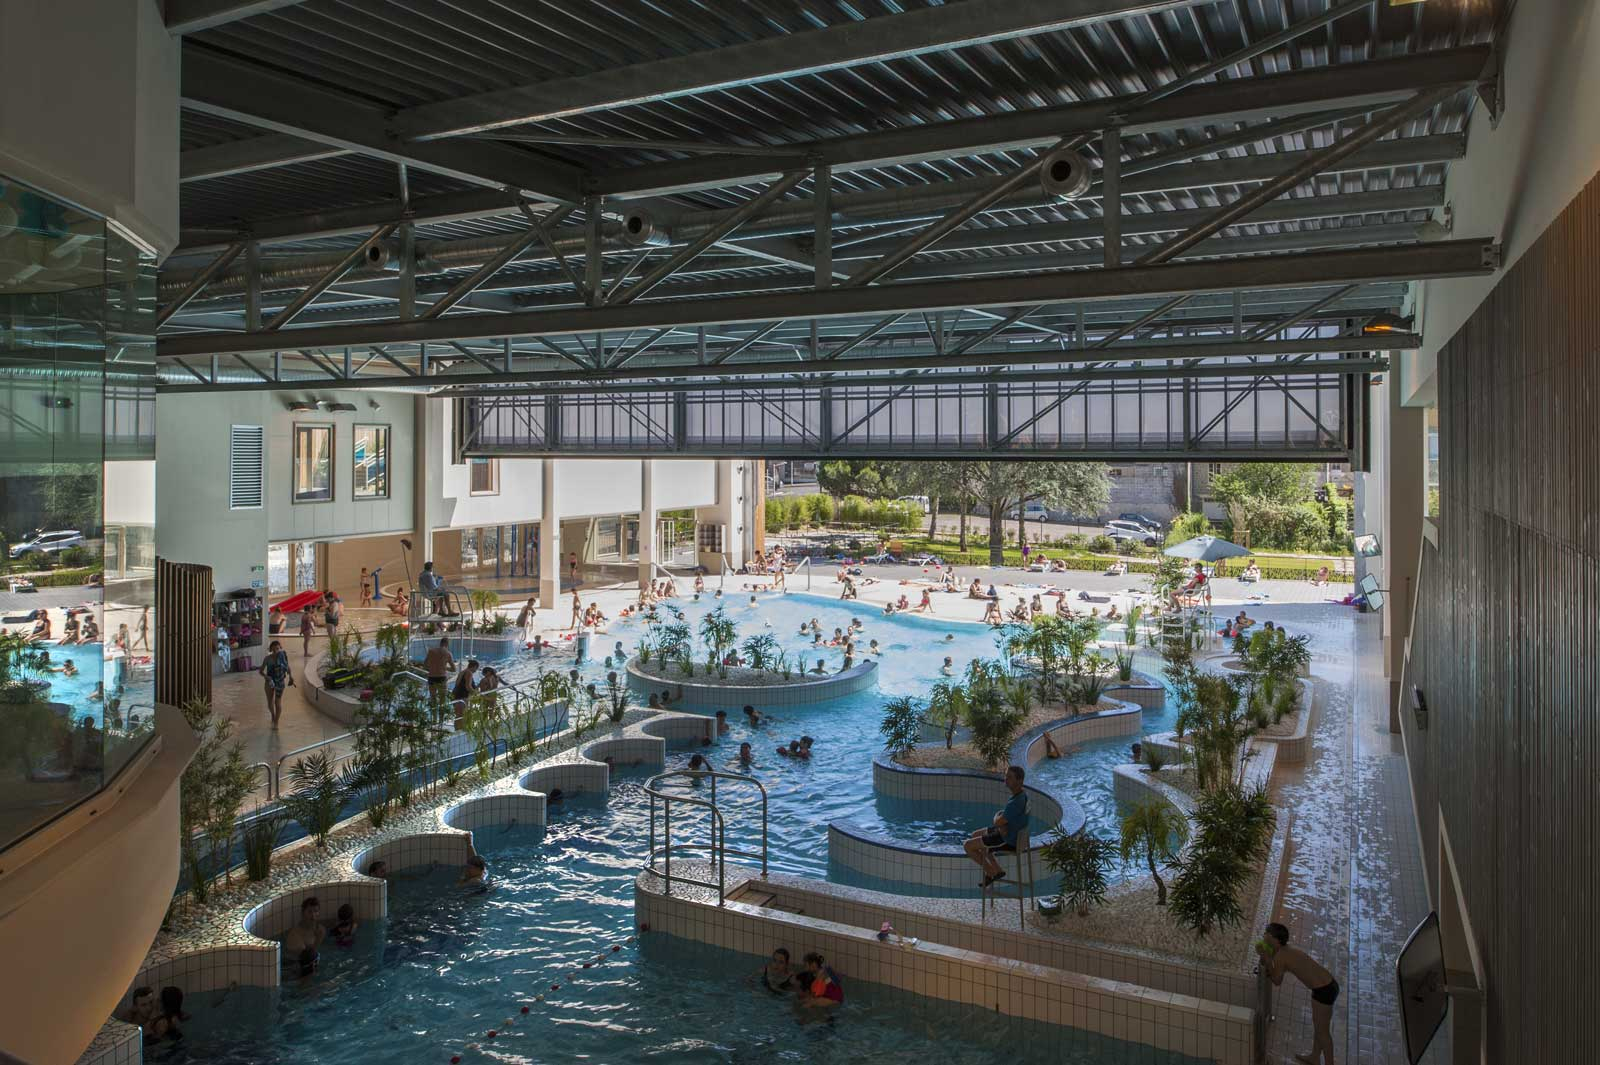 La Piscine - Espace Aquatique - Ville De Brive à Piscine De Brive La Gaillarde Brive La Gaillarde